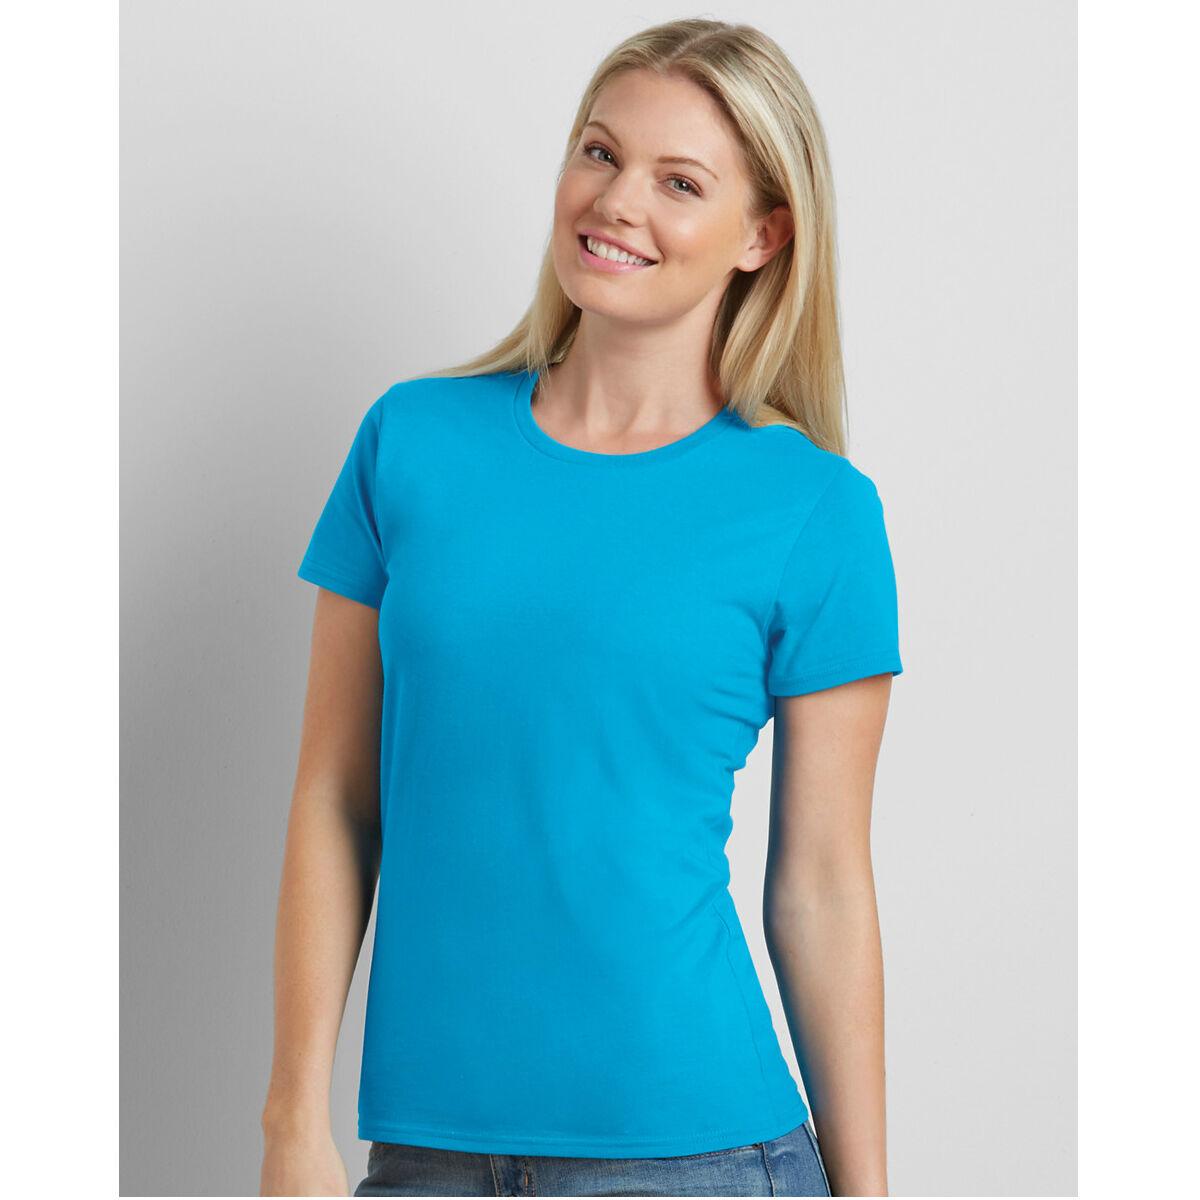 Ladies Premium Cotton T-Shirt